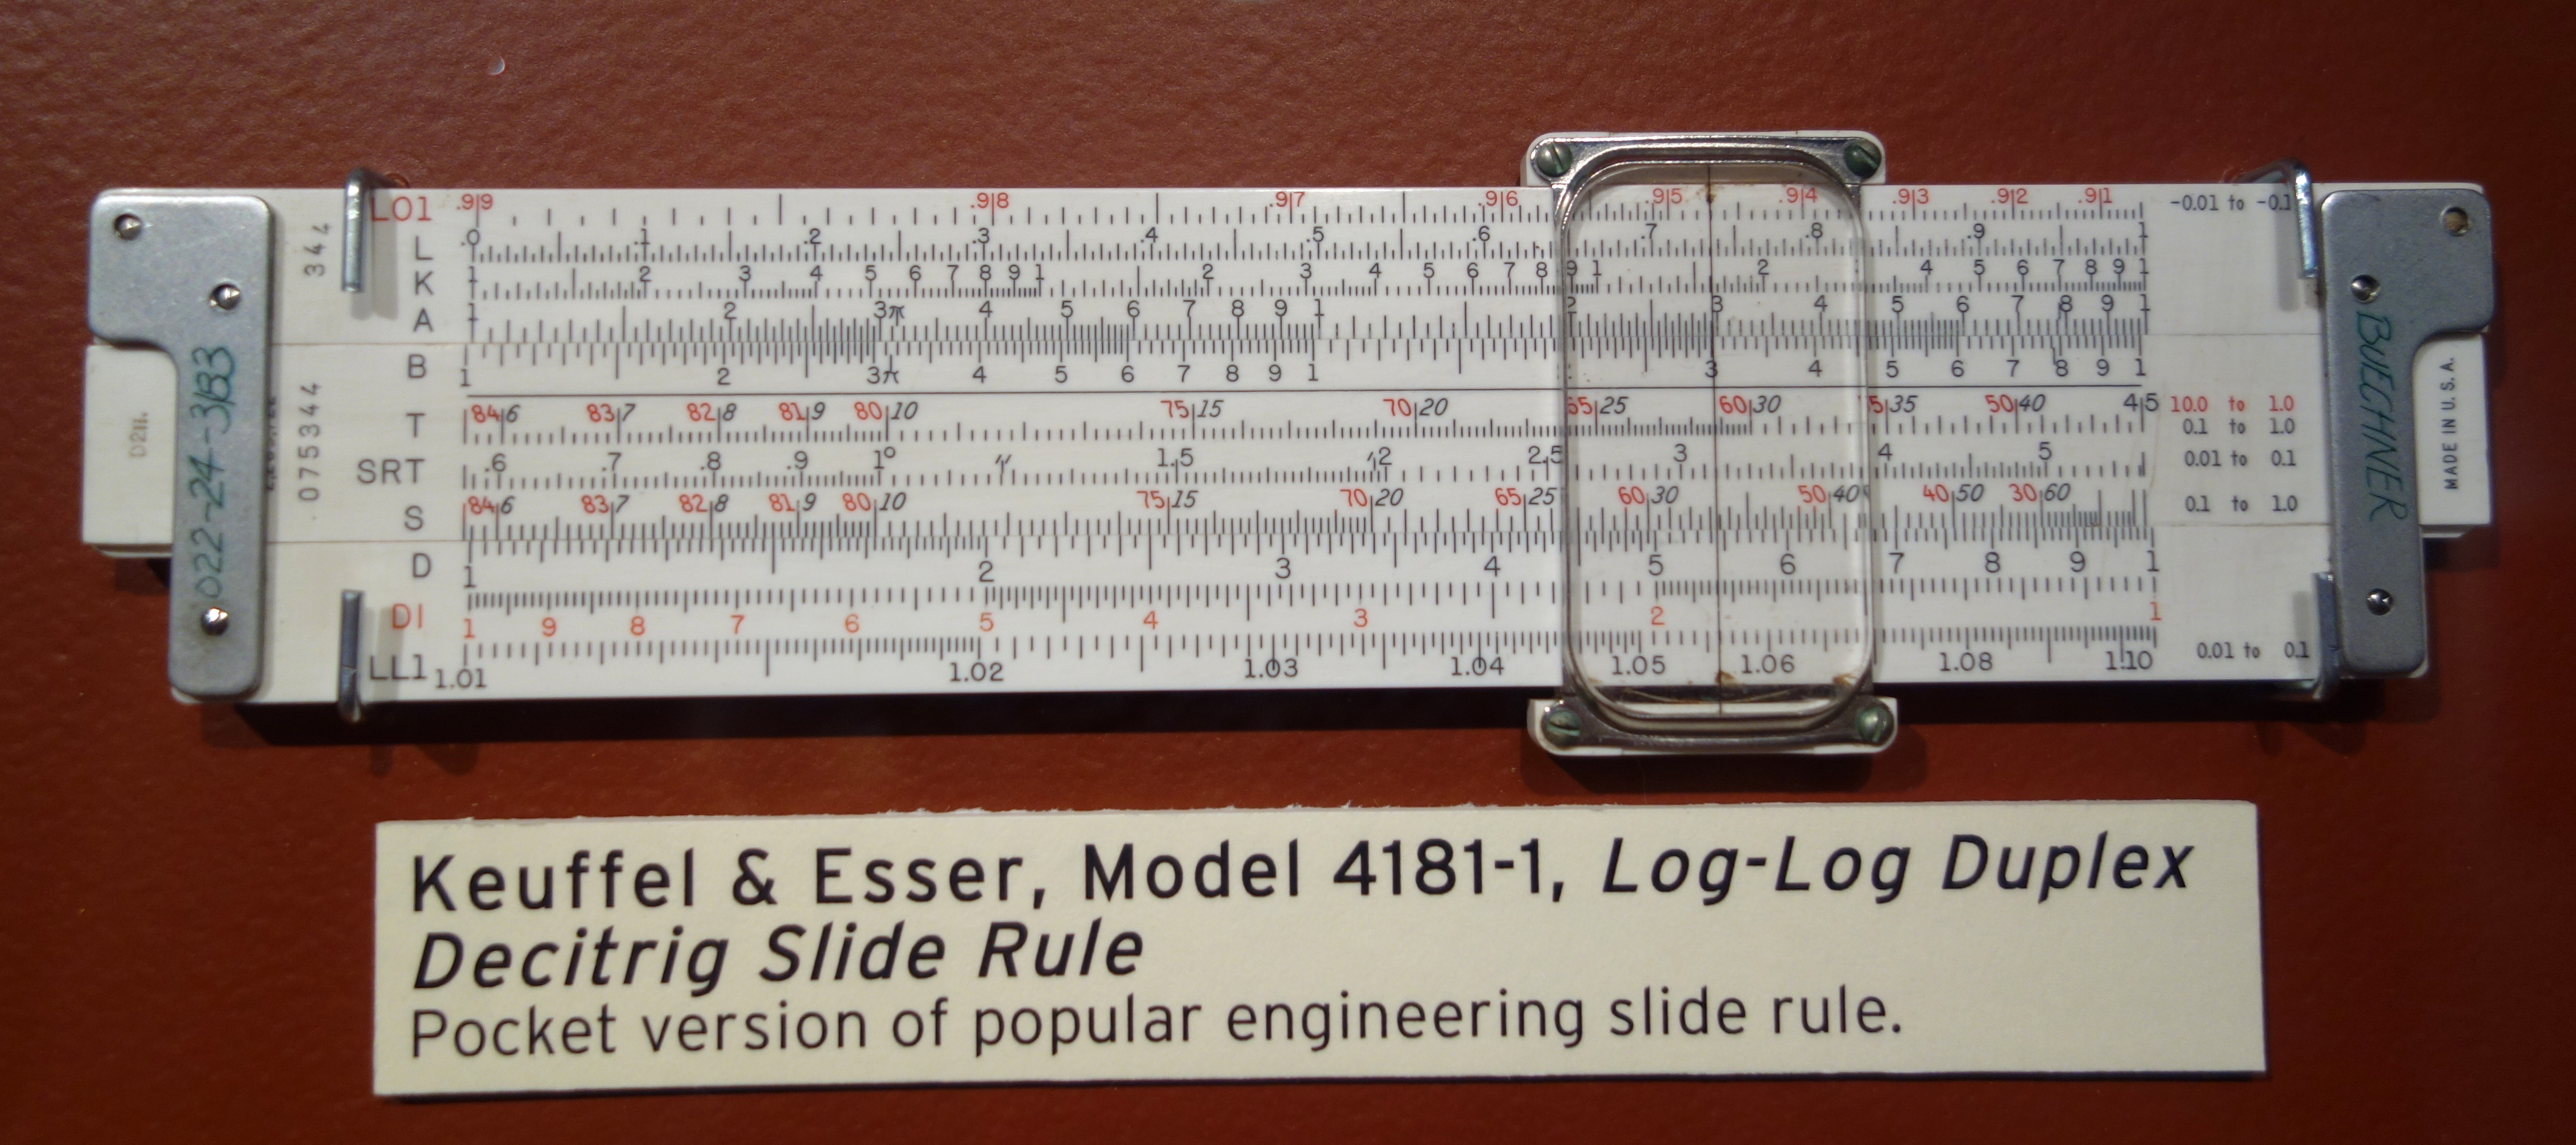 keuffel & esser slide rule manual